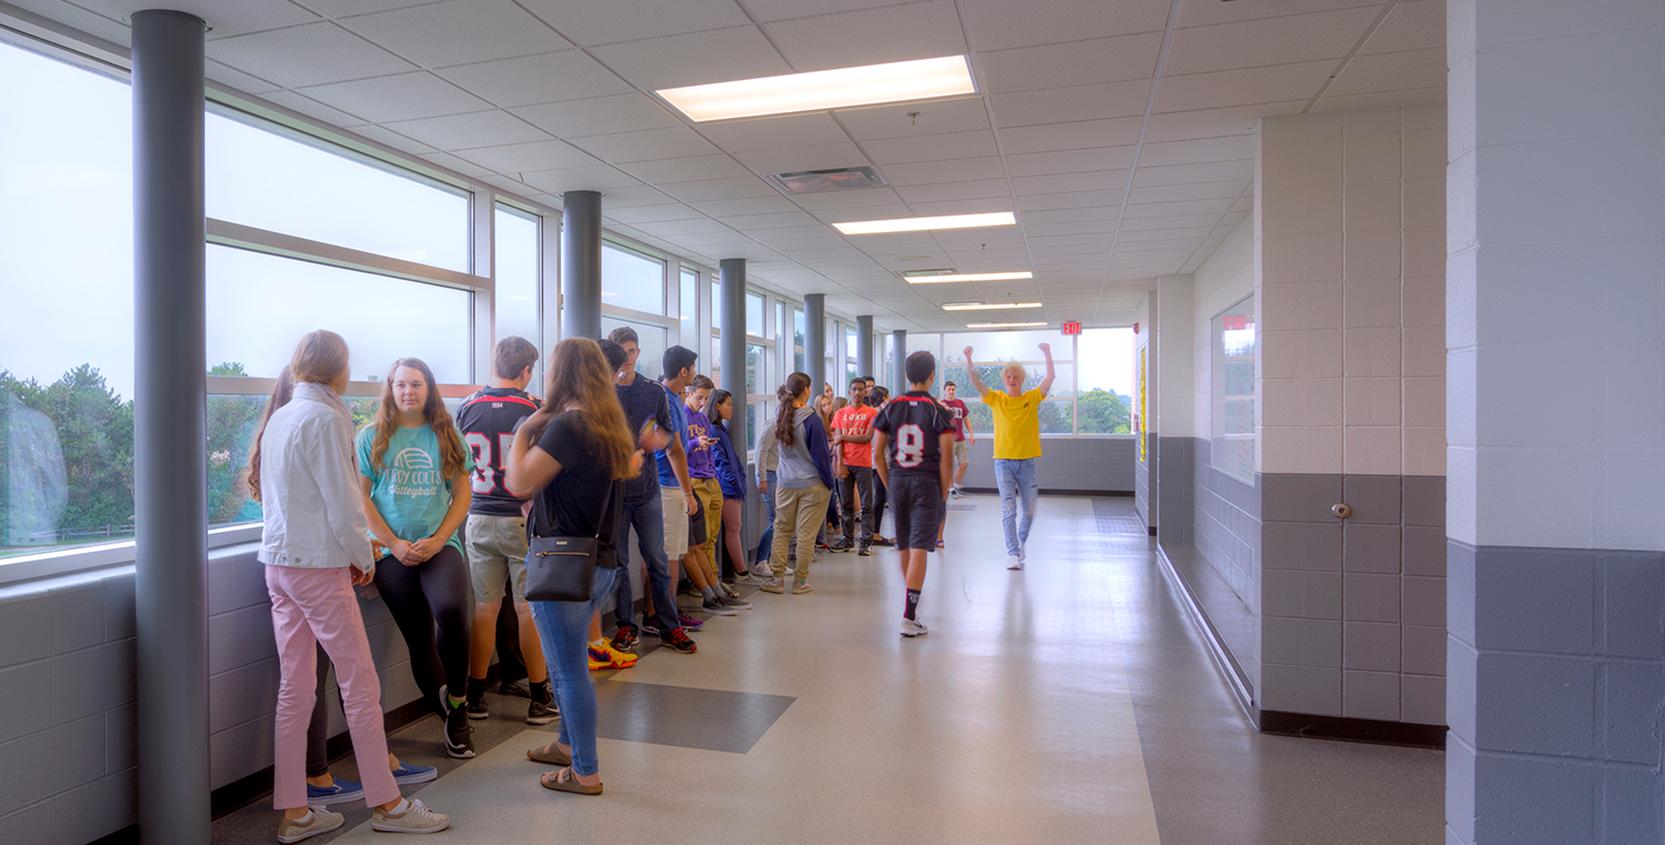 Troy-Public-Schools-School-Hallway_1665x845